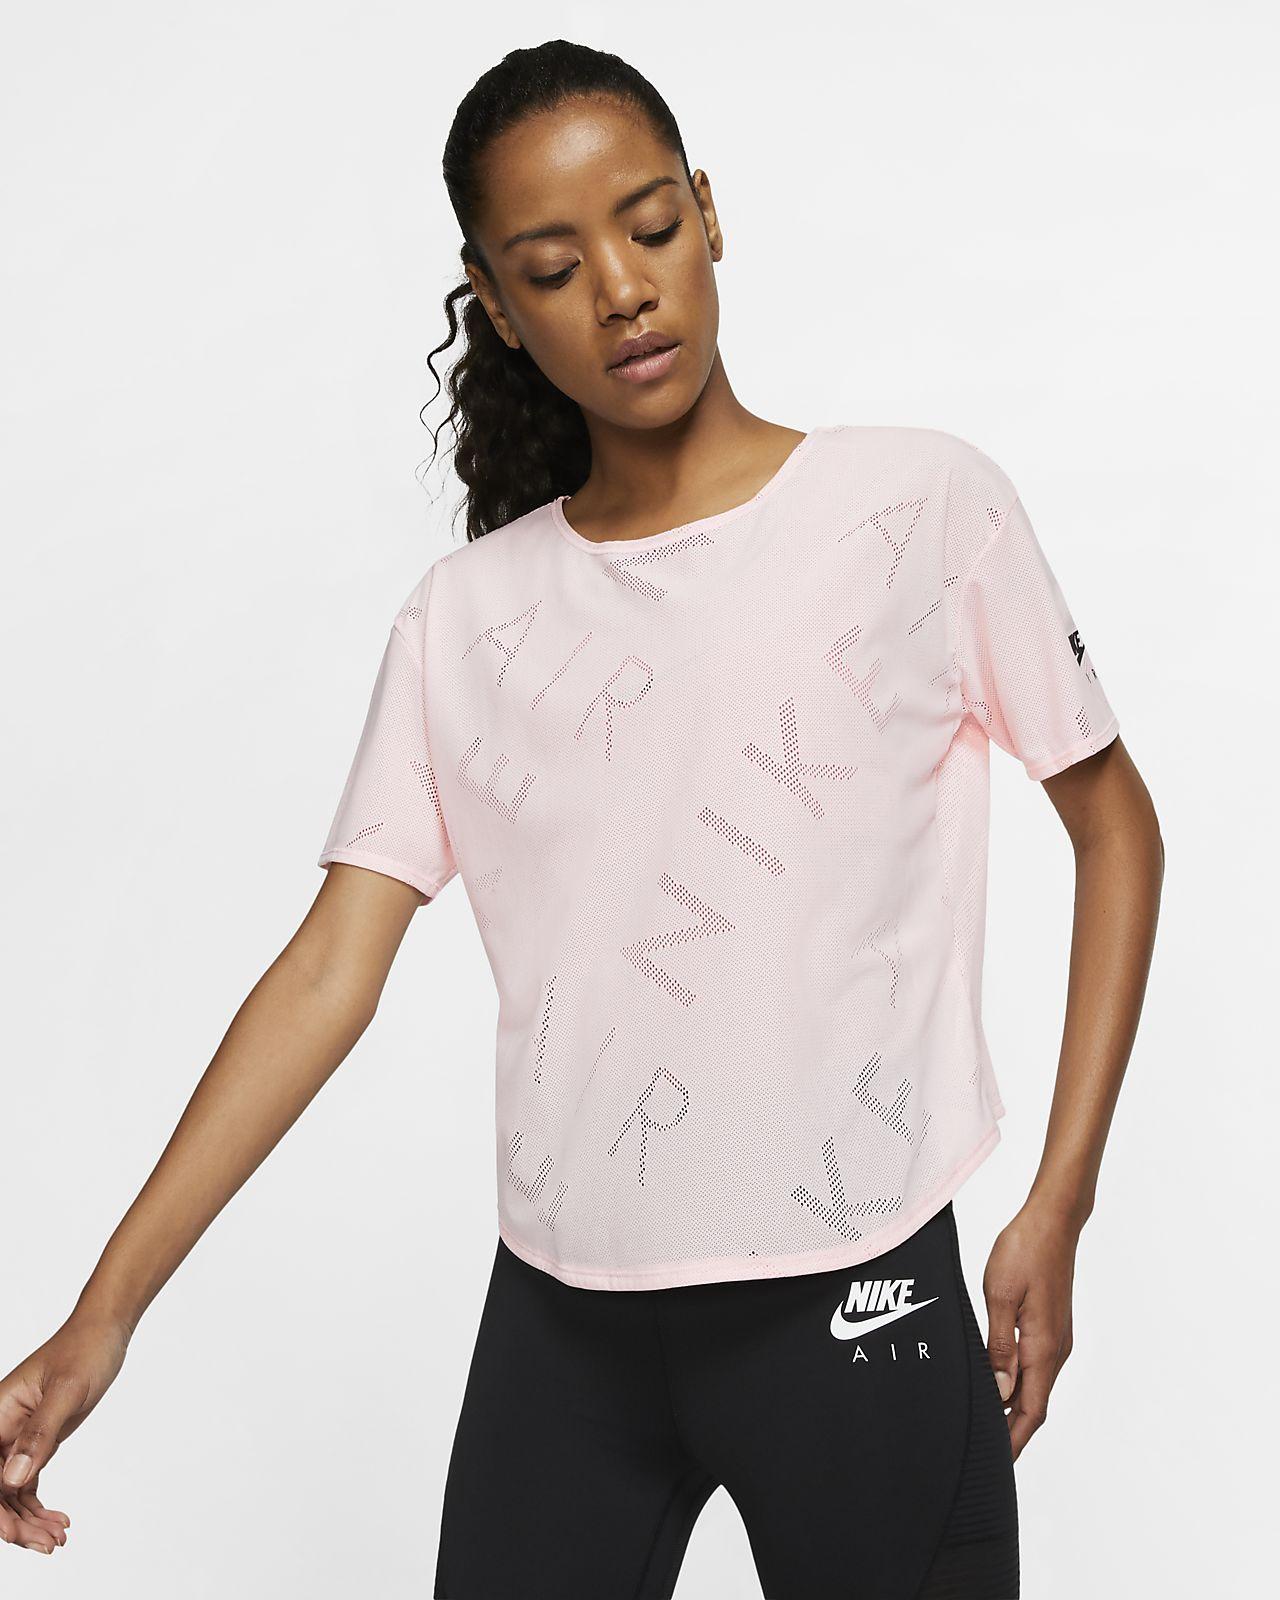 Γυναικεία κοντομάνικη μπλούζα για τρέξιμο Nike Air